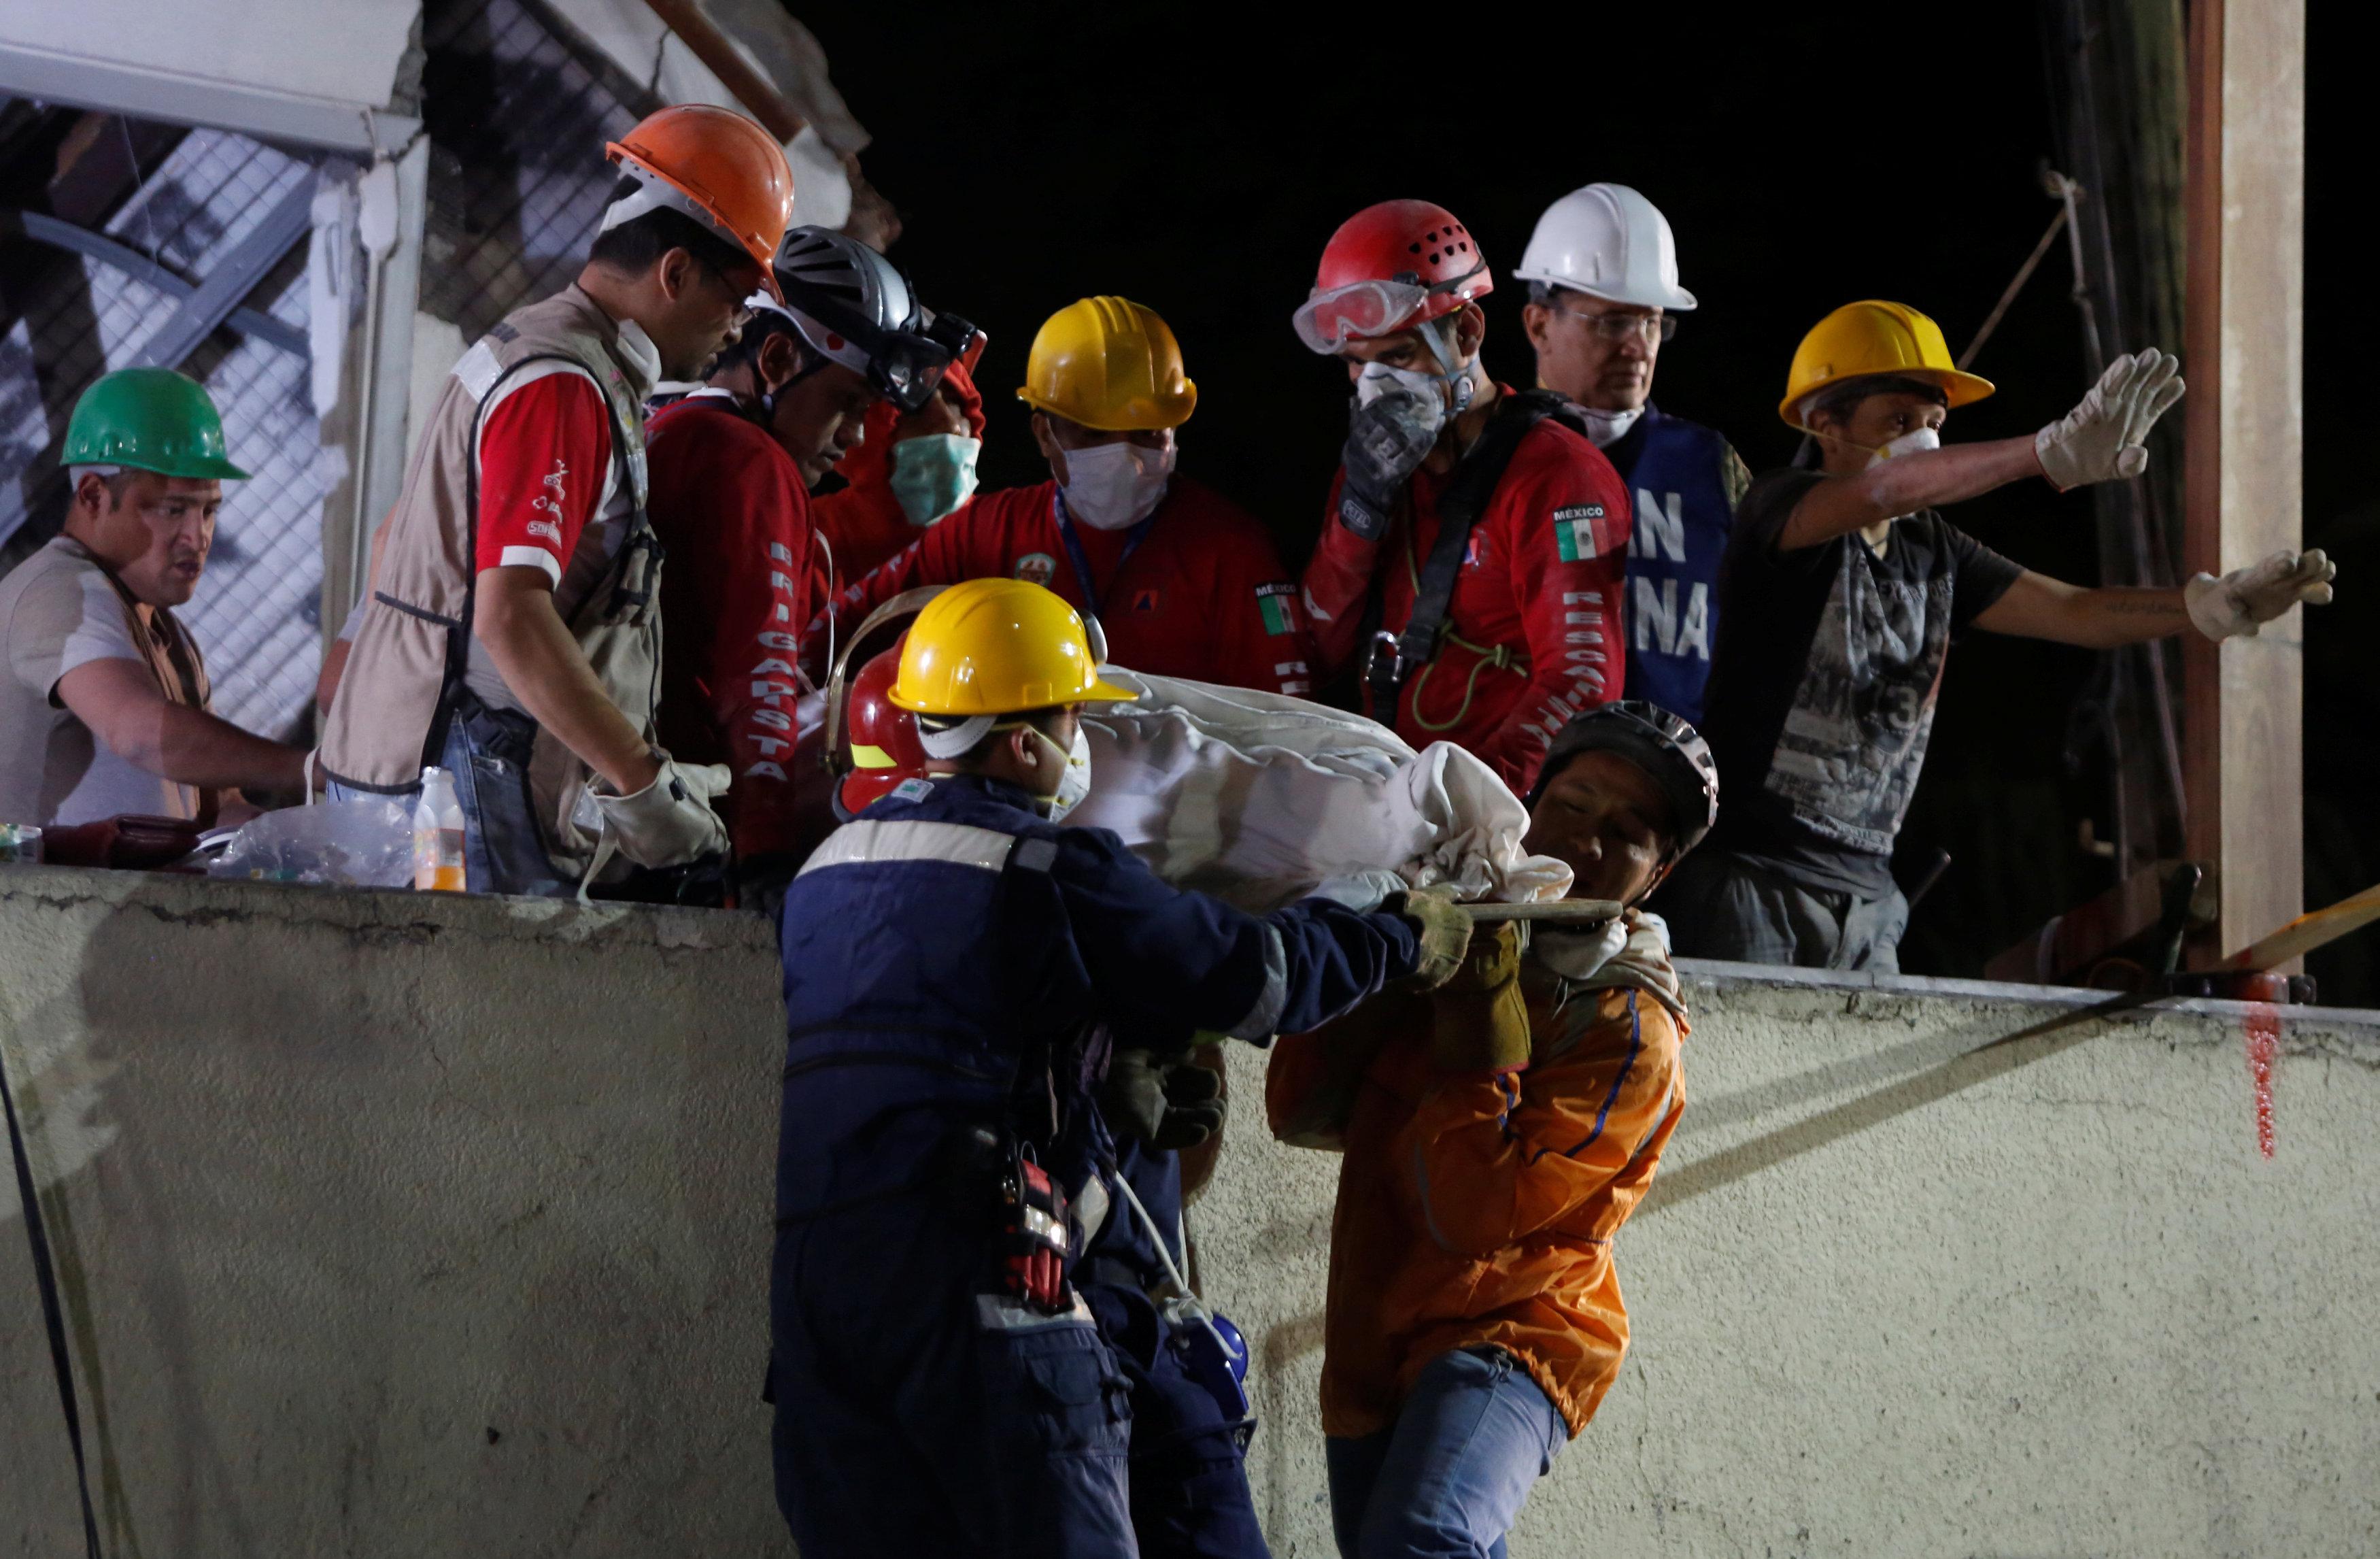 Los rescatistas sacan los cuerpos del colegio Rébsamen en Ciudad de México tras el terremoto